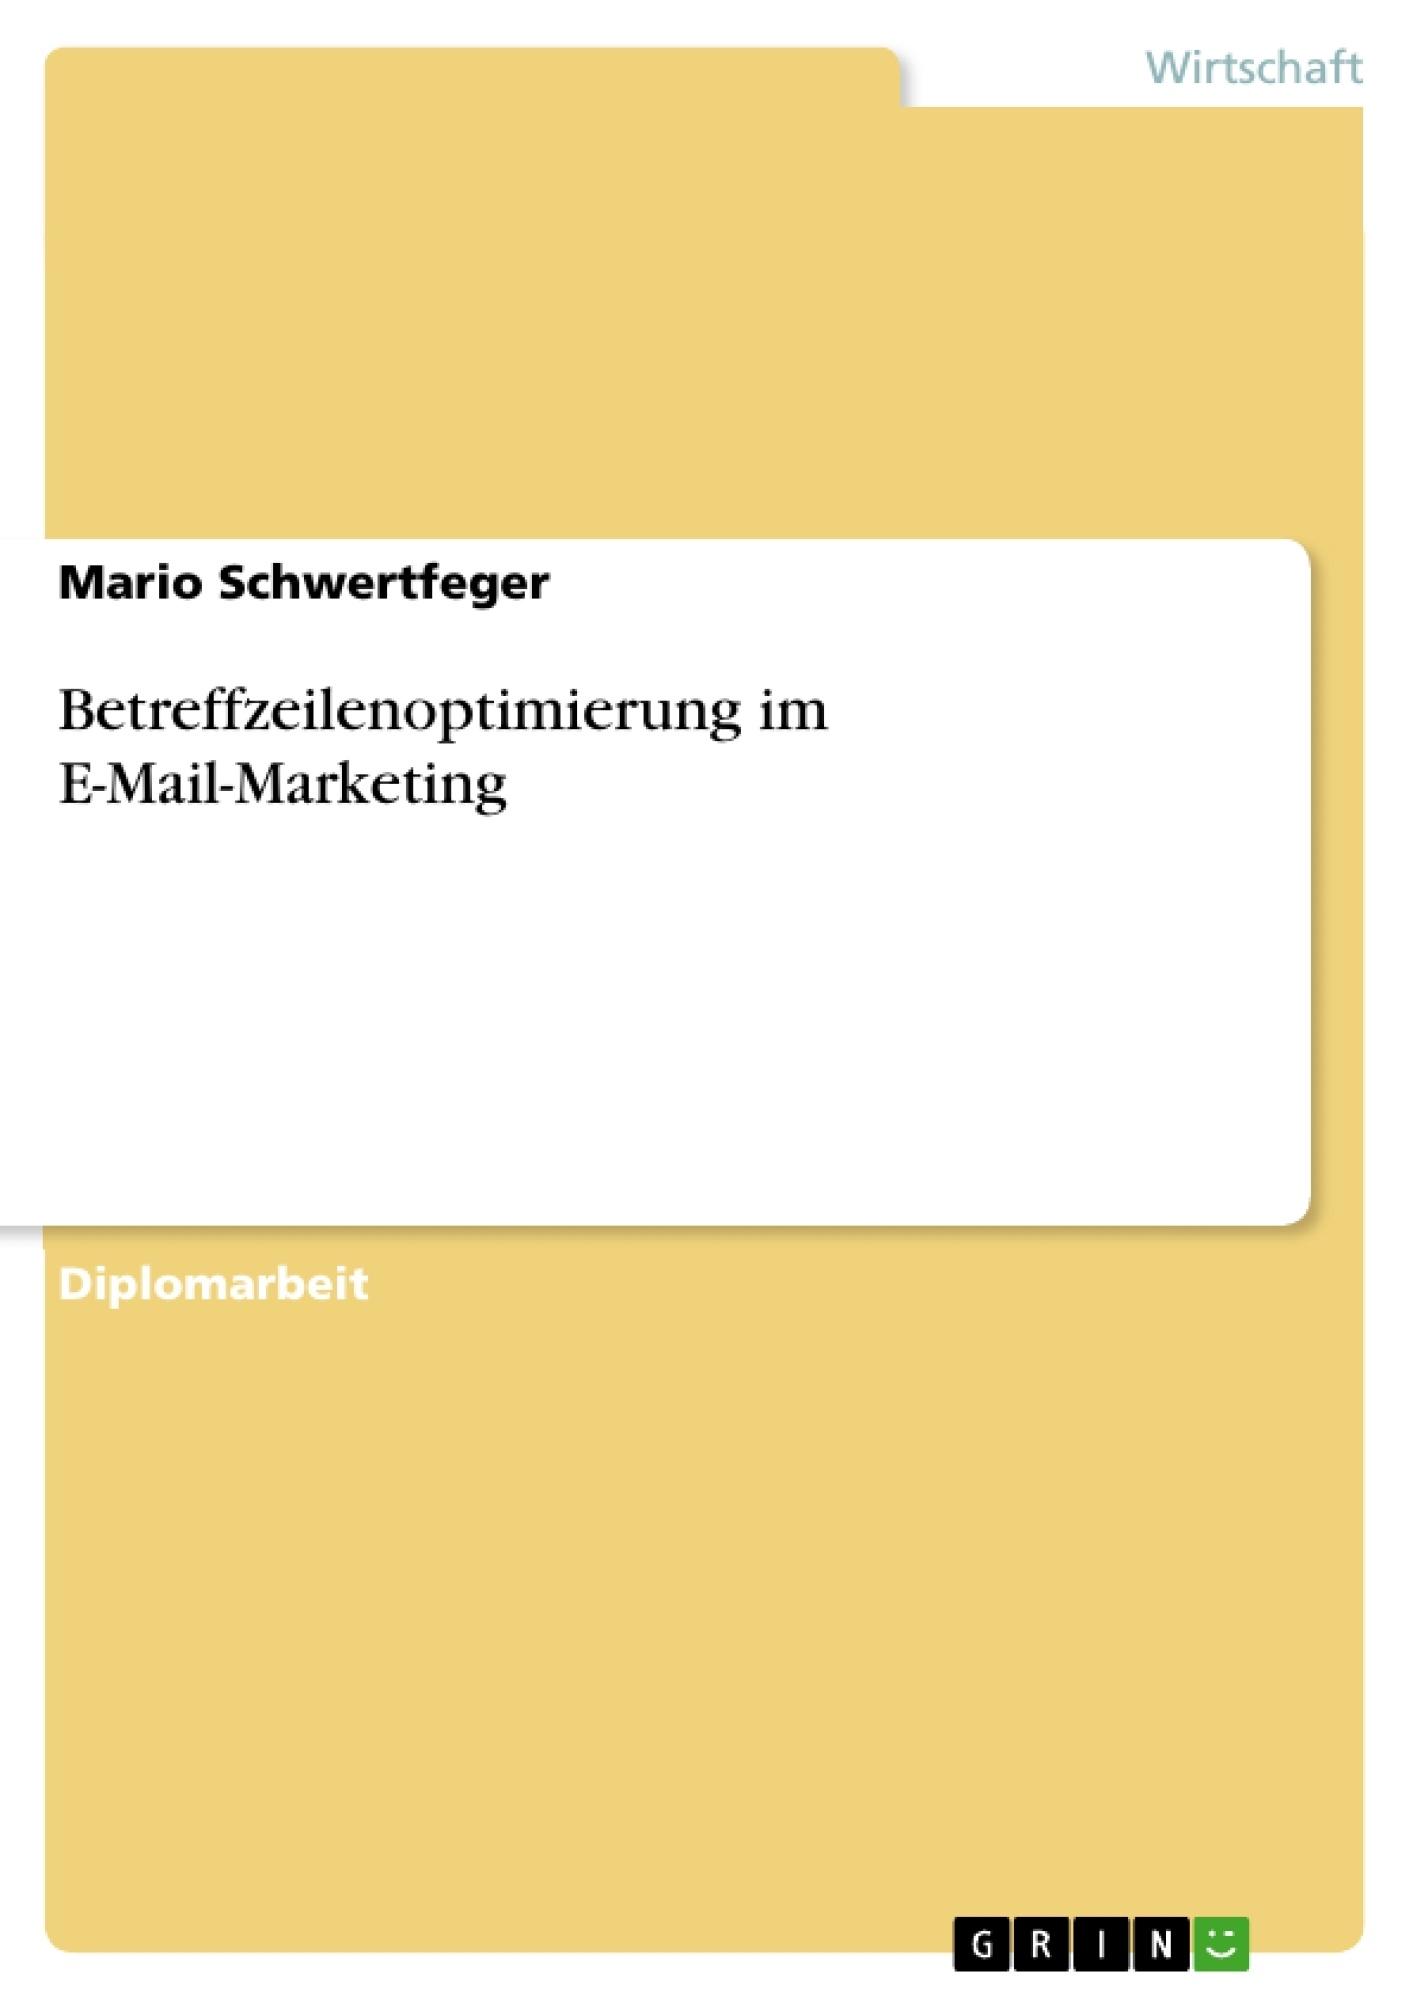 Titel: Betreffzeilenoptimierung im E-Mail-Marketing